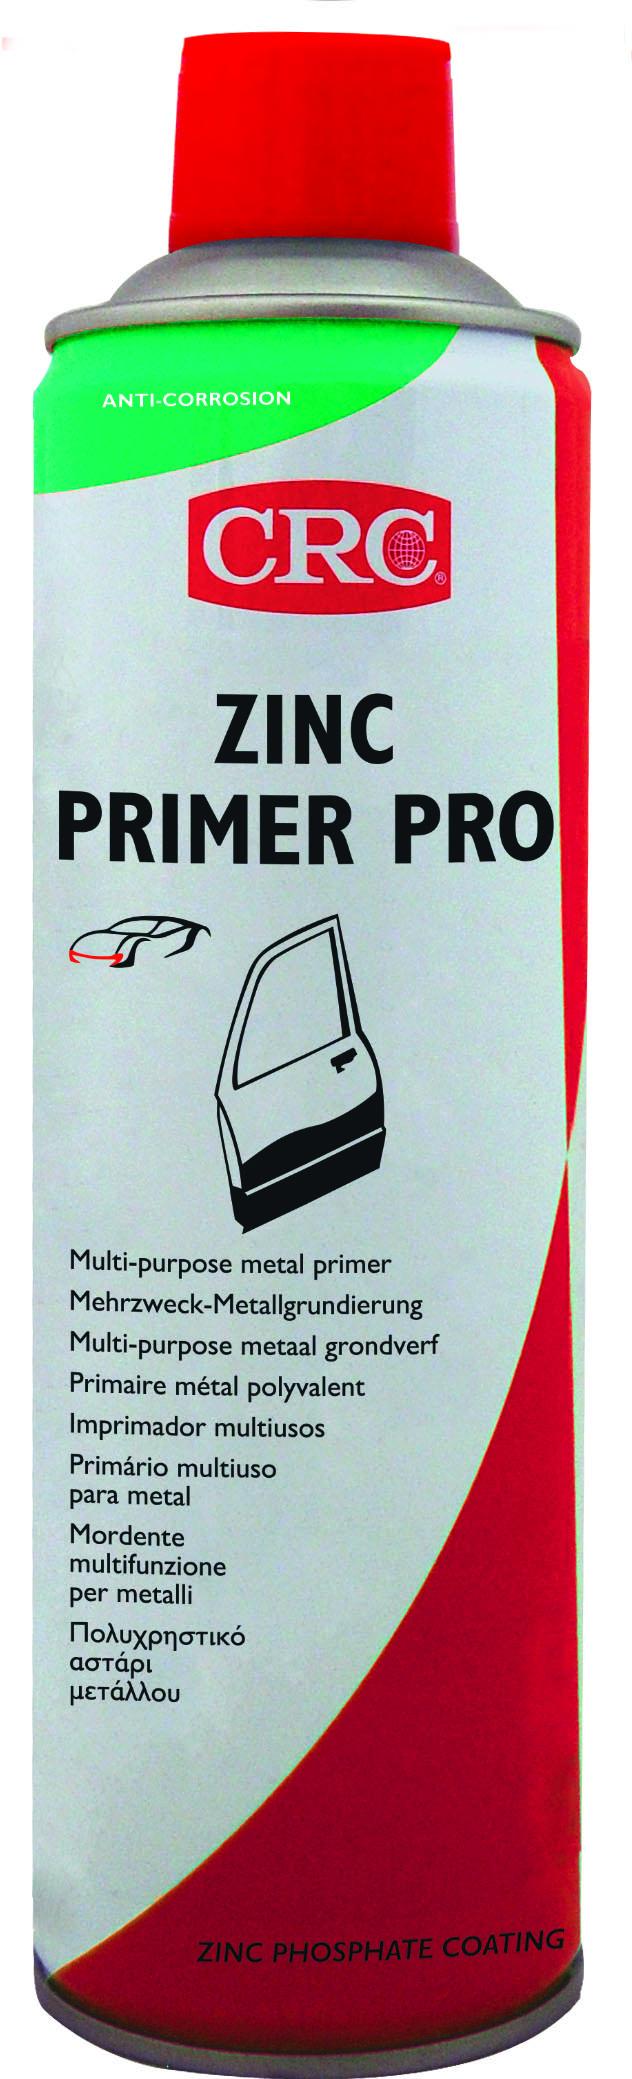 crc zinc primer pro aerosol 500 ml - gårdsman